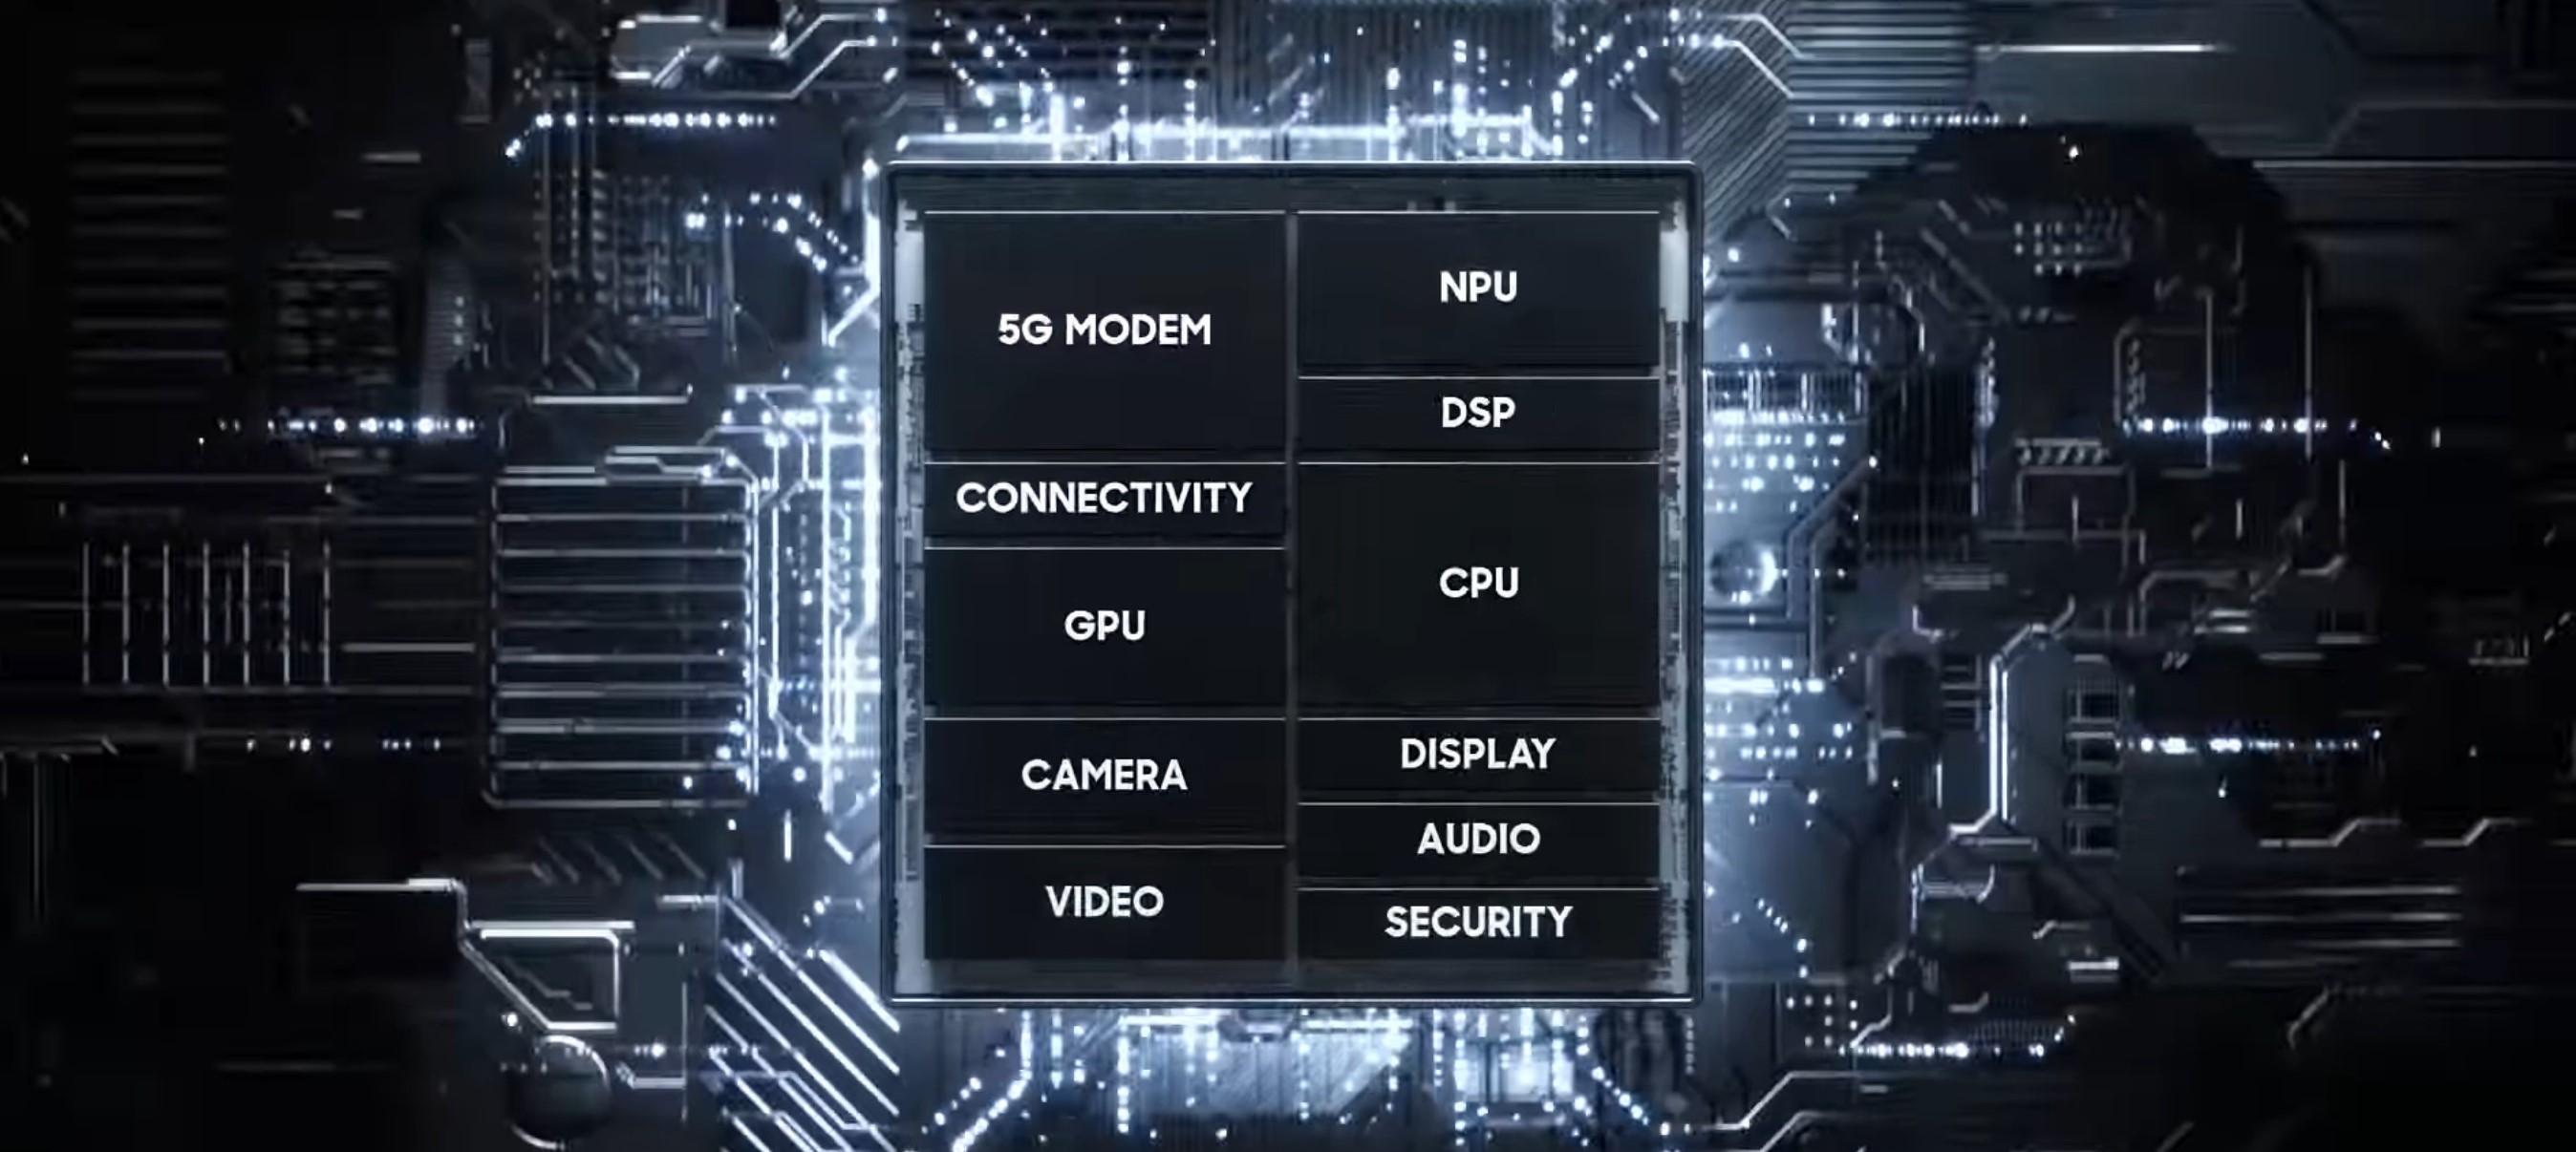 Samsung wprowadza 5G do smartfonów ze średniej półki - oto procesor Exynos 980 22